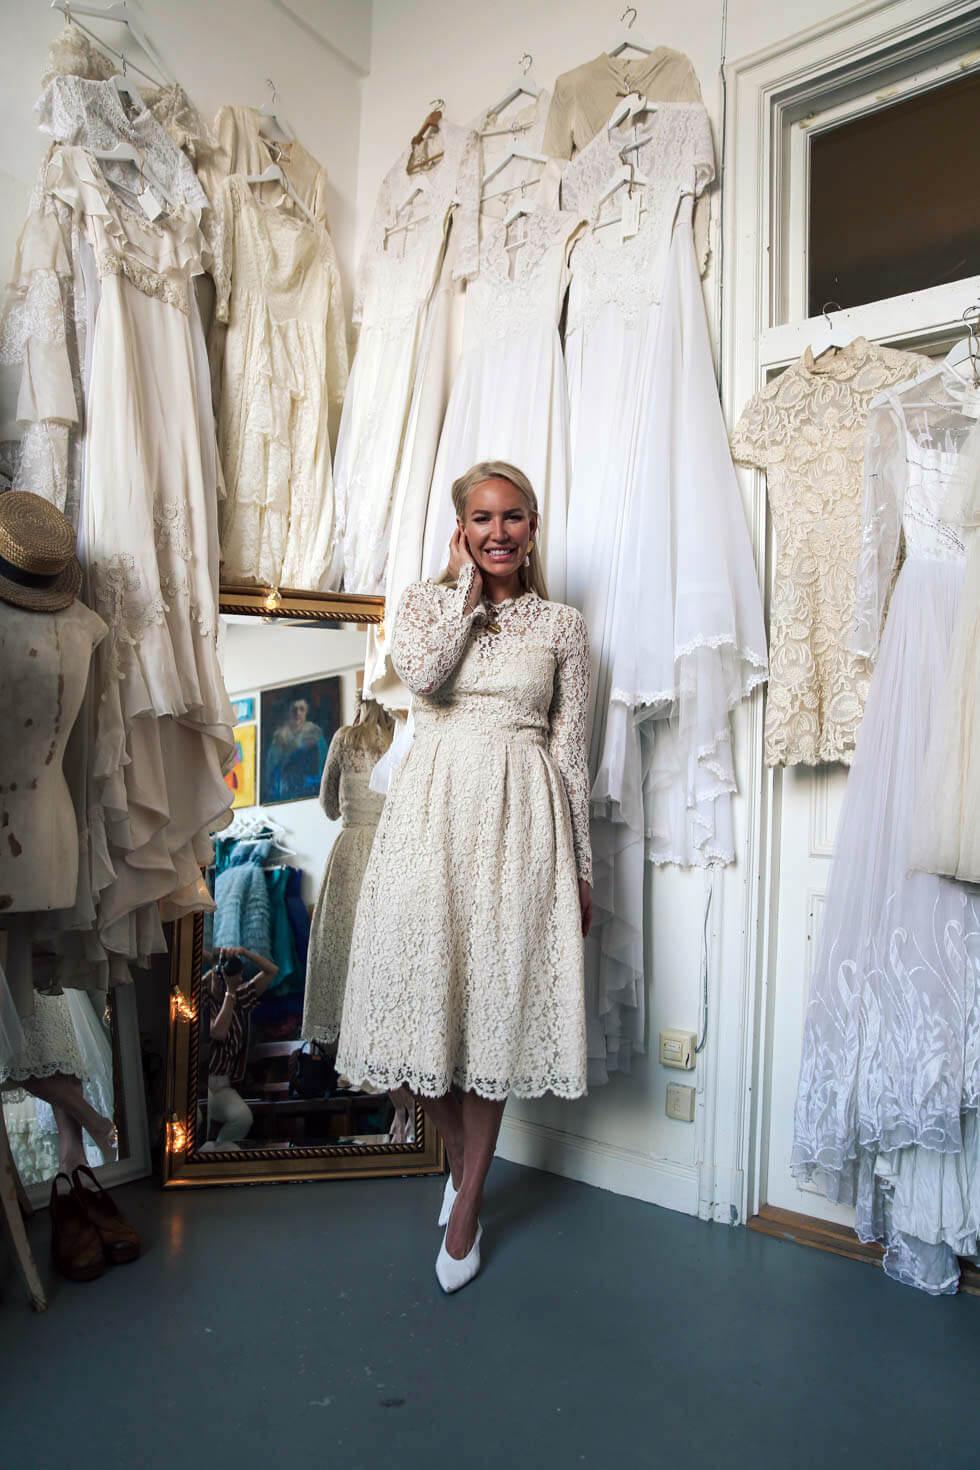 63600e571d67 Vintage bröllopsklänningar hos Elsa Billgren. - Petra Tungården